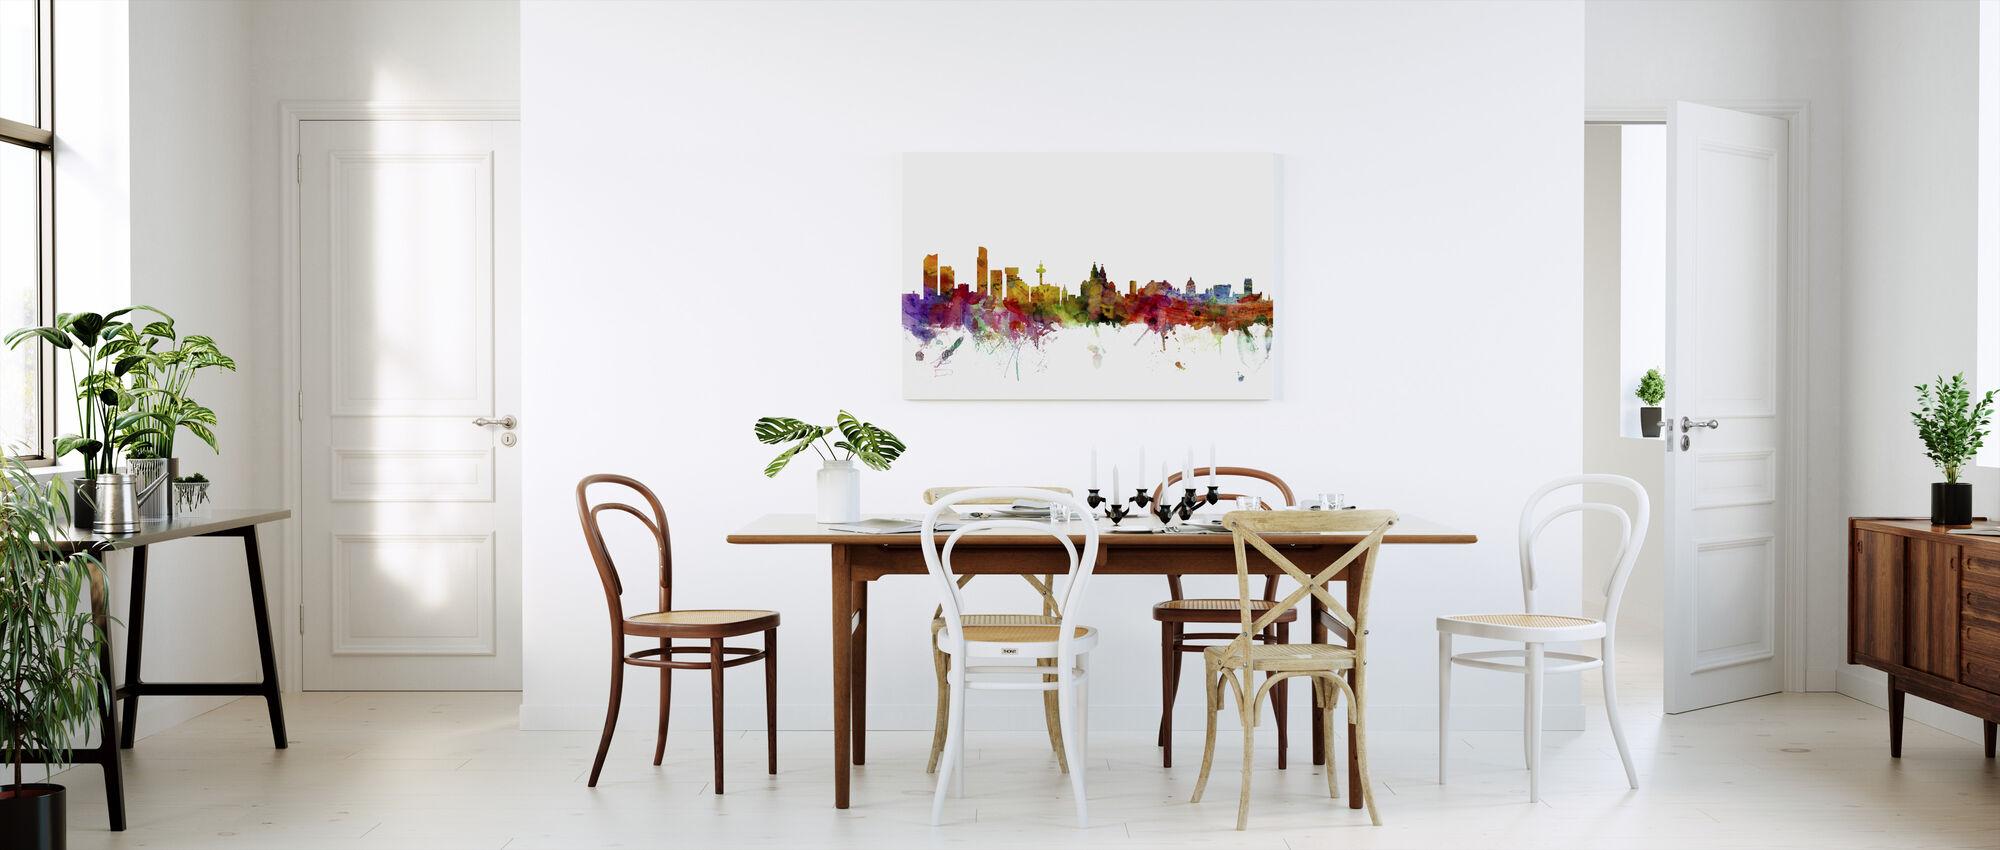 Liverpool Skyline - Canvas print - Kitchen